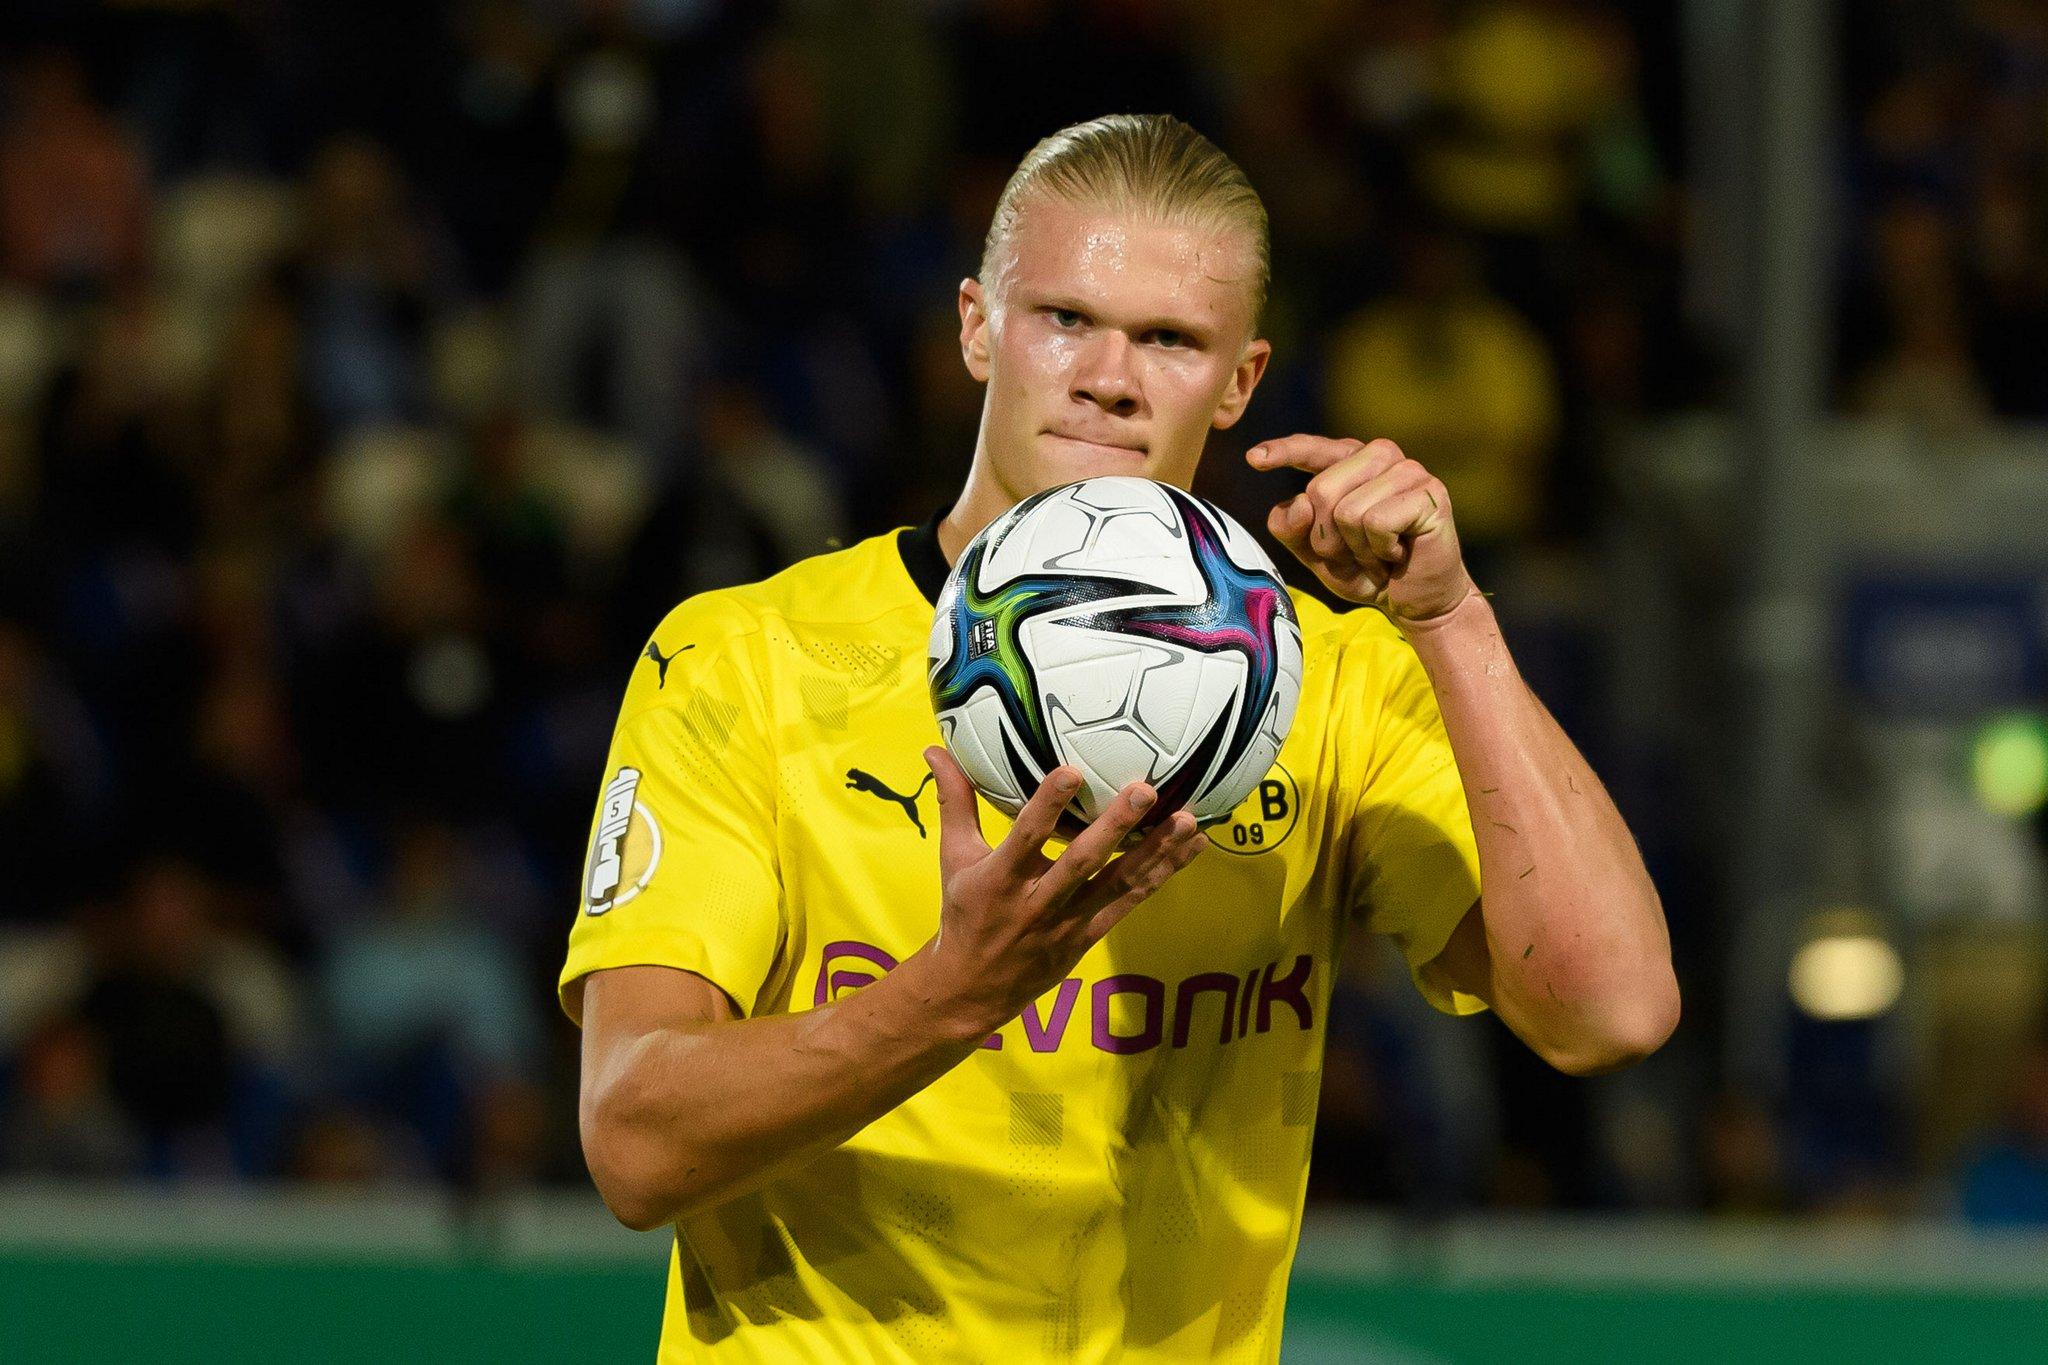 """Haaland ฉลองเป้าหมายในการเอาชนะ Wehen 3-0 เมื่อวันที่ 7 สิงหาคม  ภาพถ่าย: """"BVB ."""""""